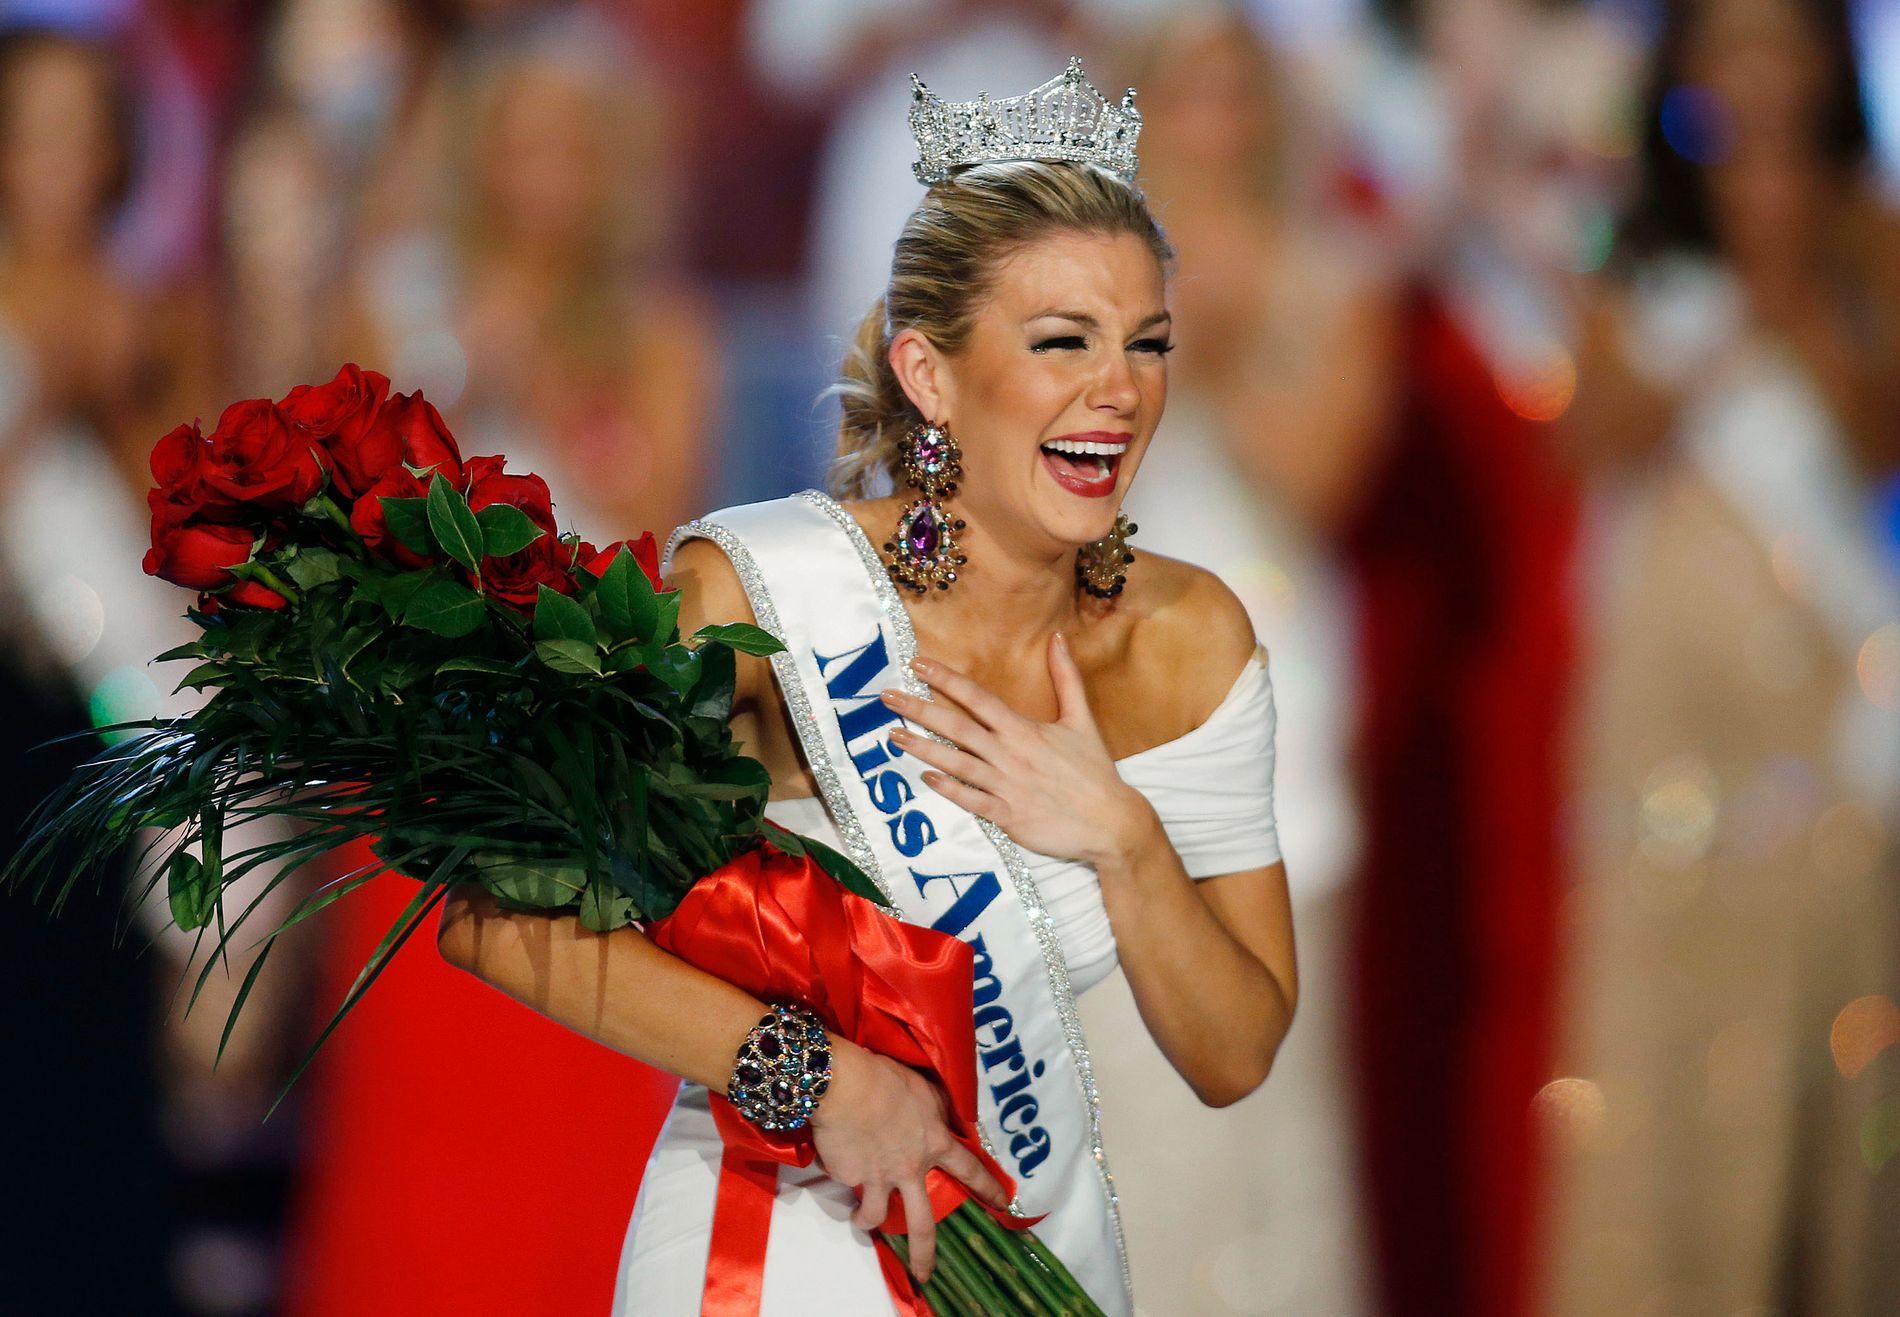 GLEDESTÅRER: Miss Texas, Mallory Hagan, var i lykkerus da hun ble kåret til Miss America i 2013.